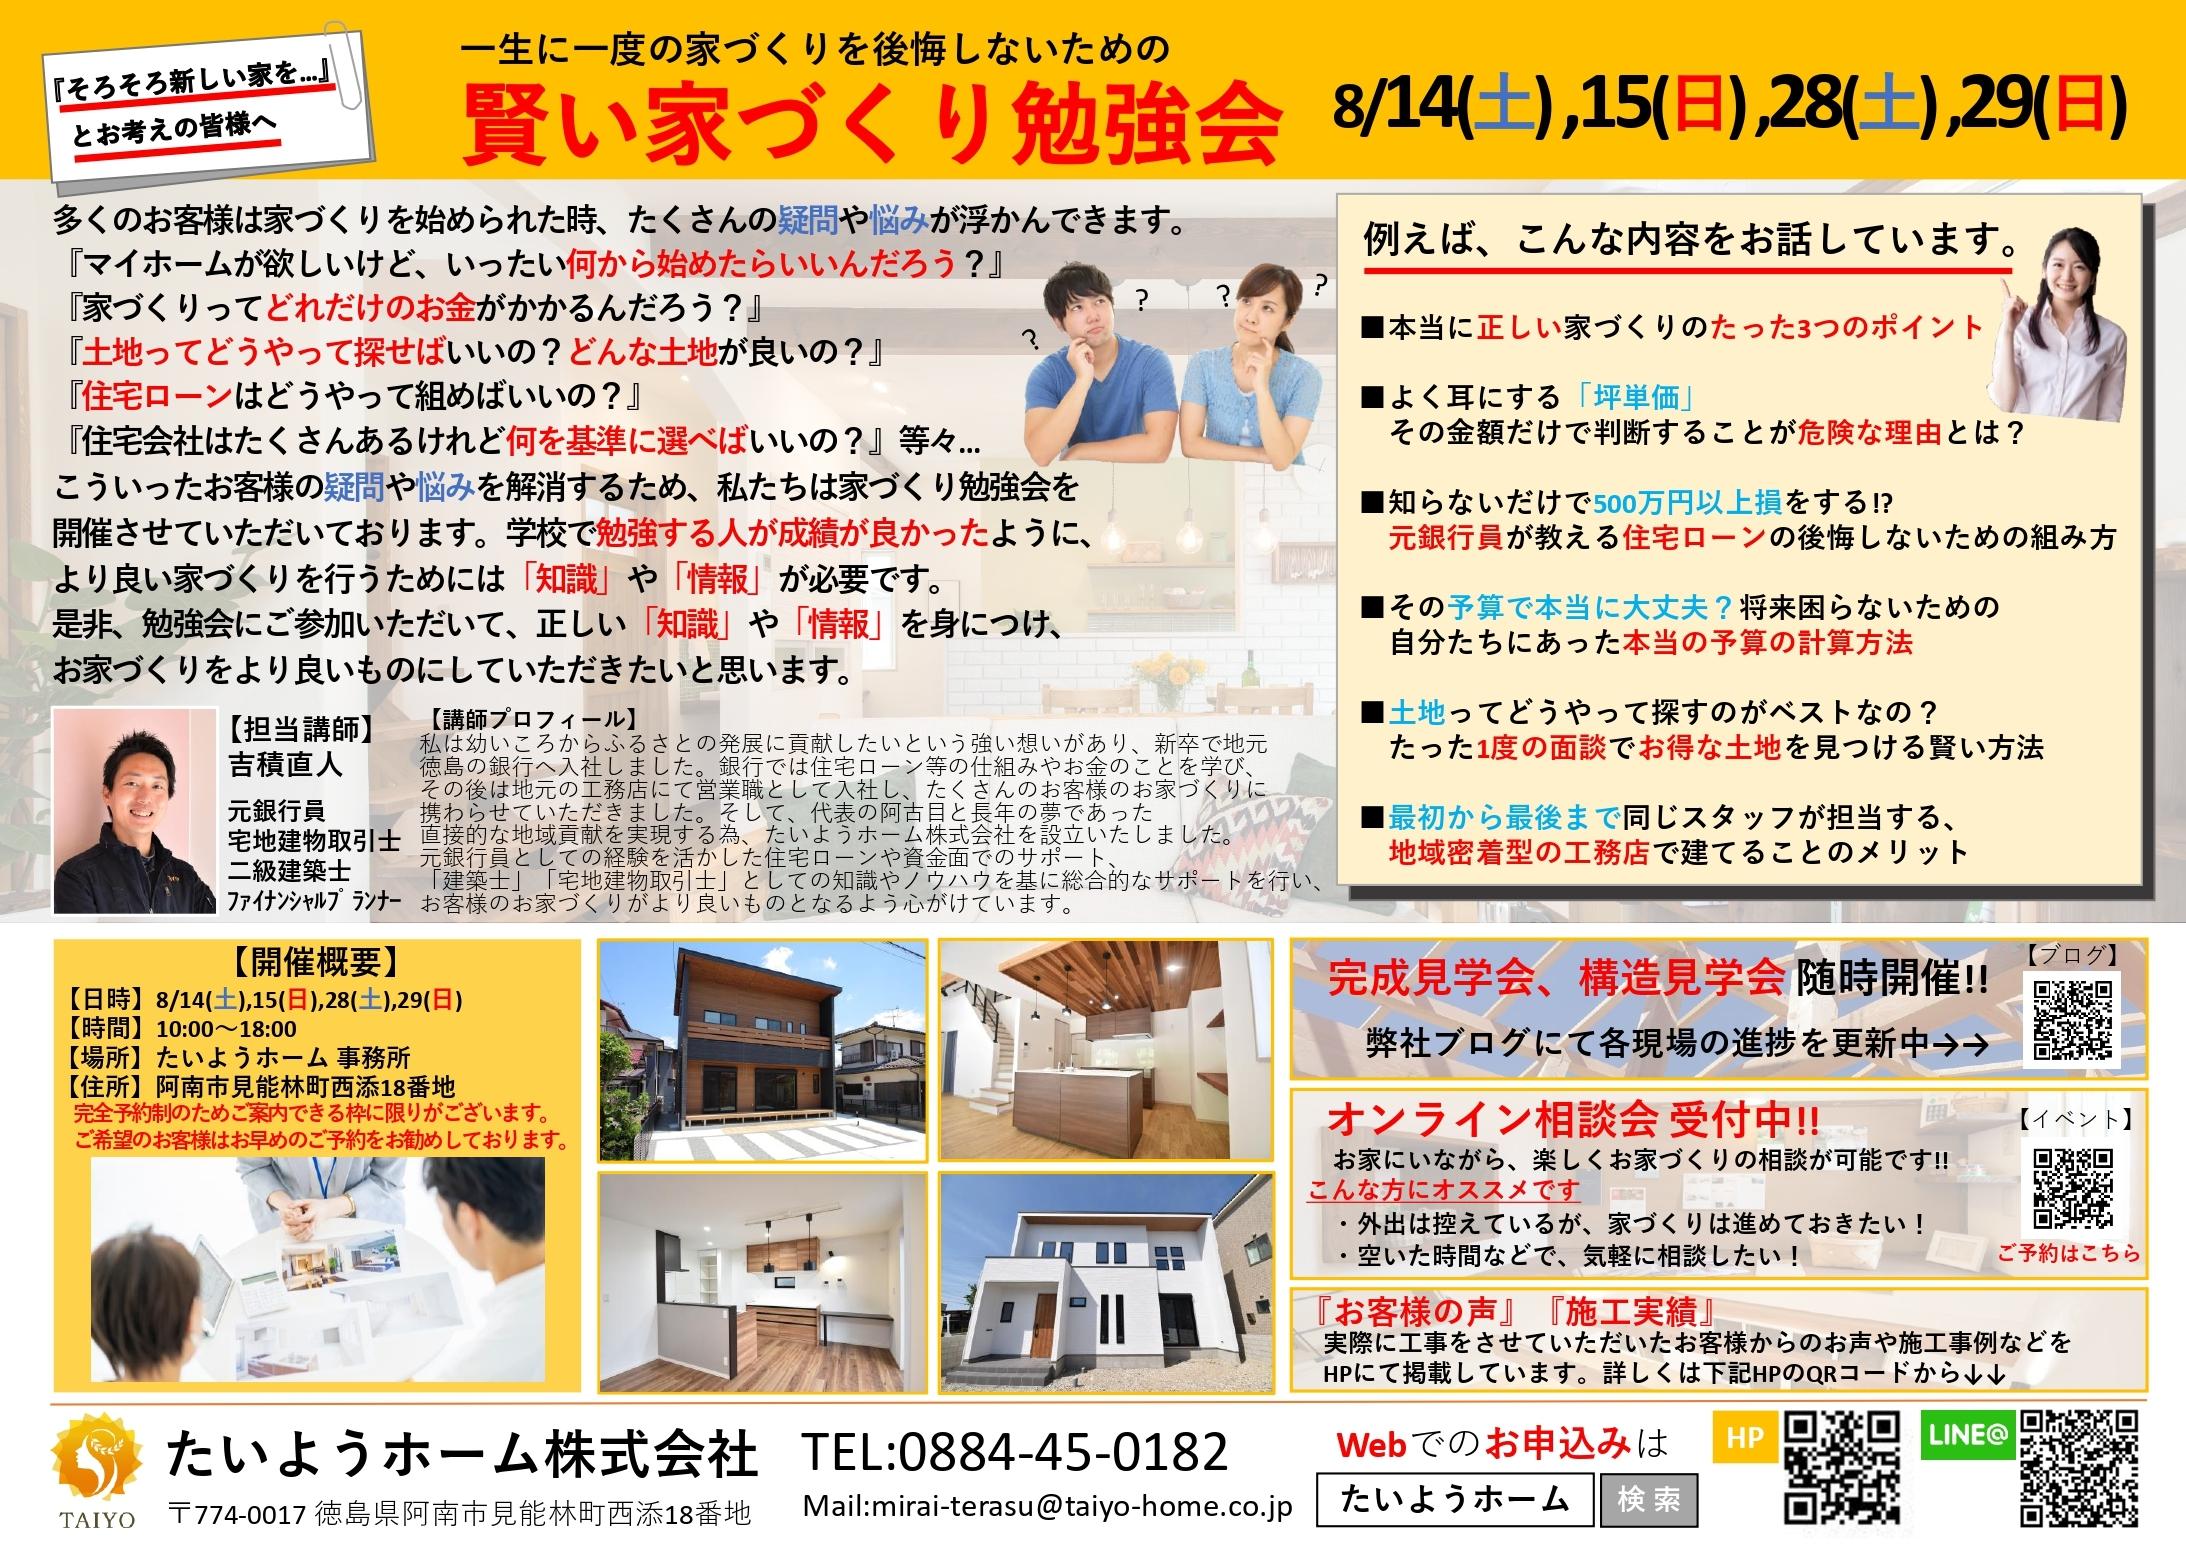 20210725 家づくり勉強会チラシ 裏面 最終_page-0001.jpg